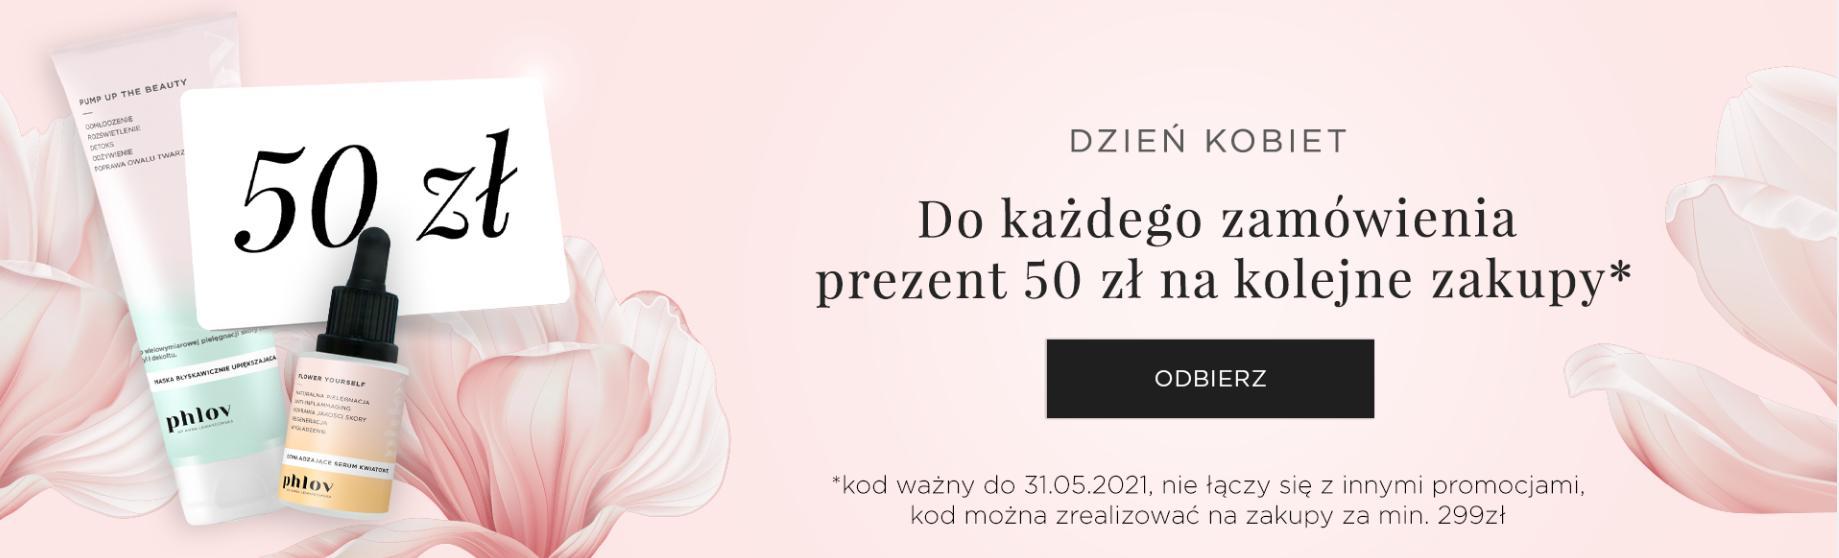 PHLOV by Anna Lewandowska PHLOV by Anna Lewandowska: 50 zł rabatu na kolejne zakupy w prezencie na Dzień Kobiet